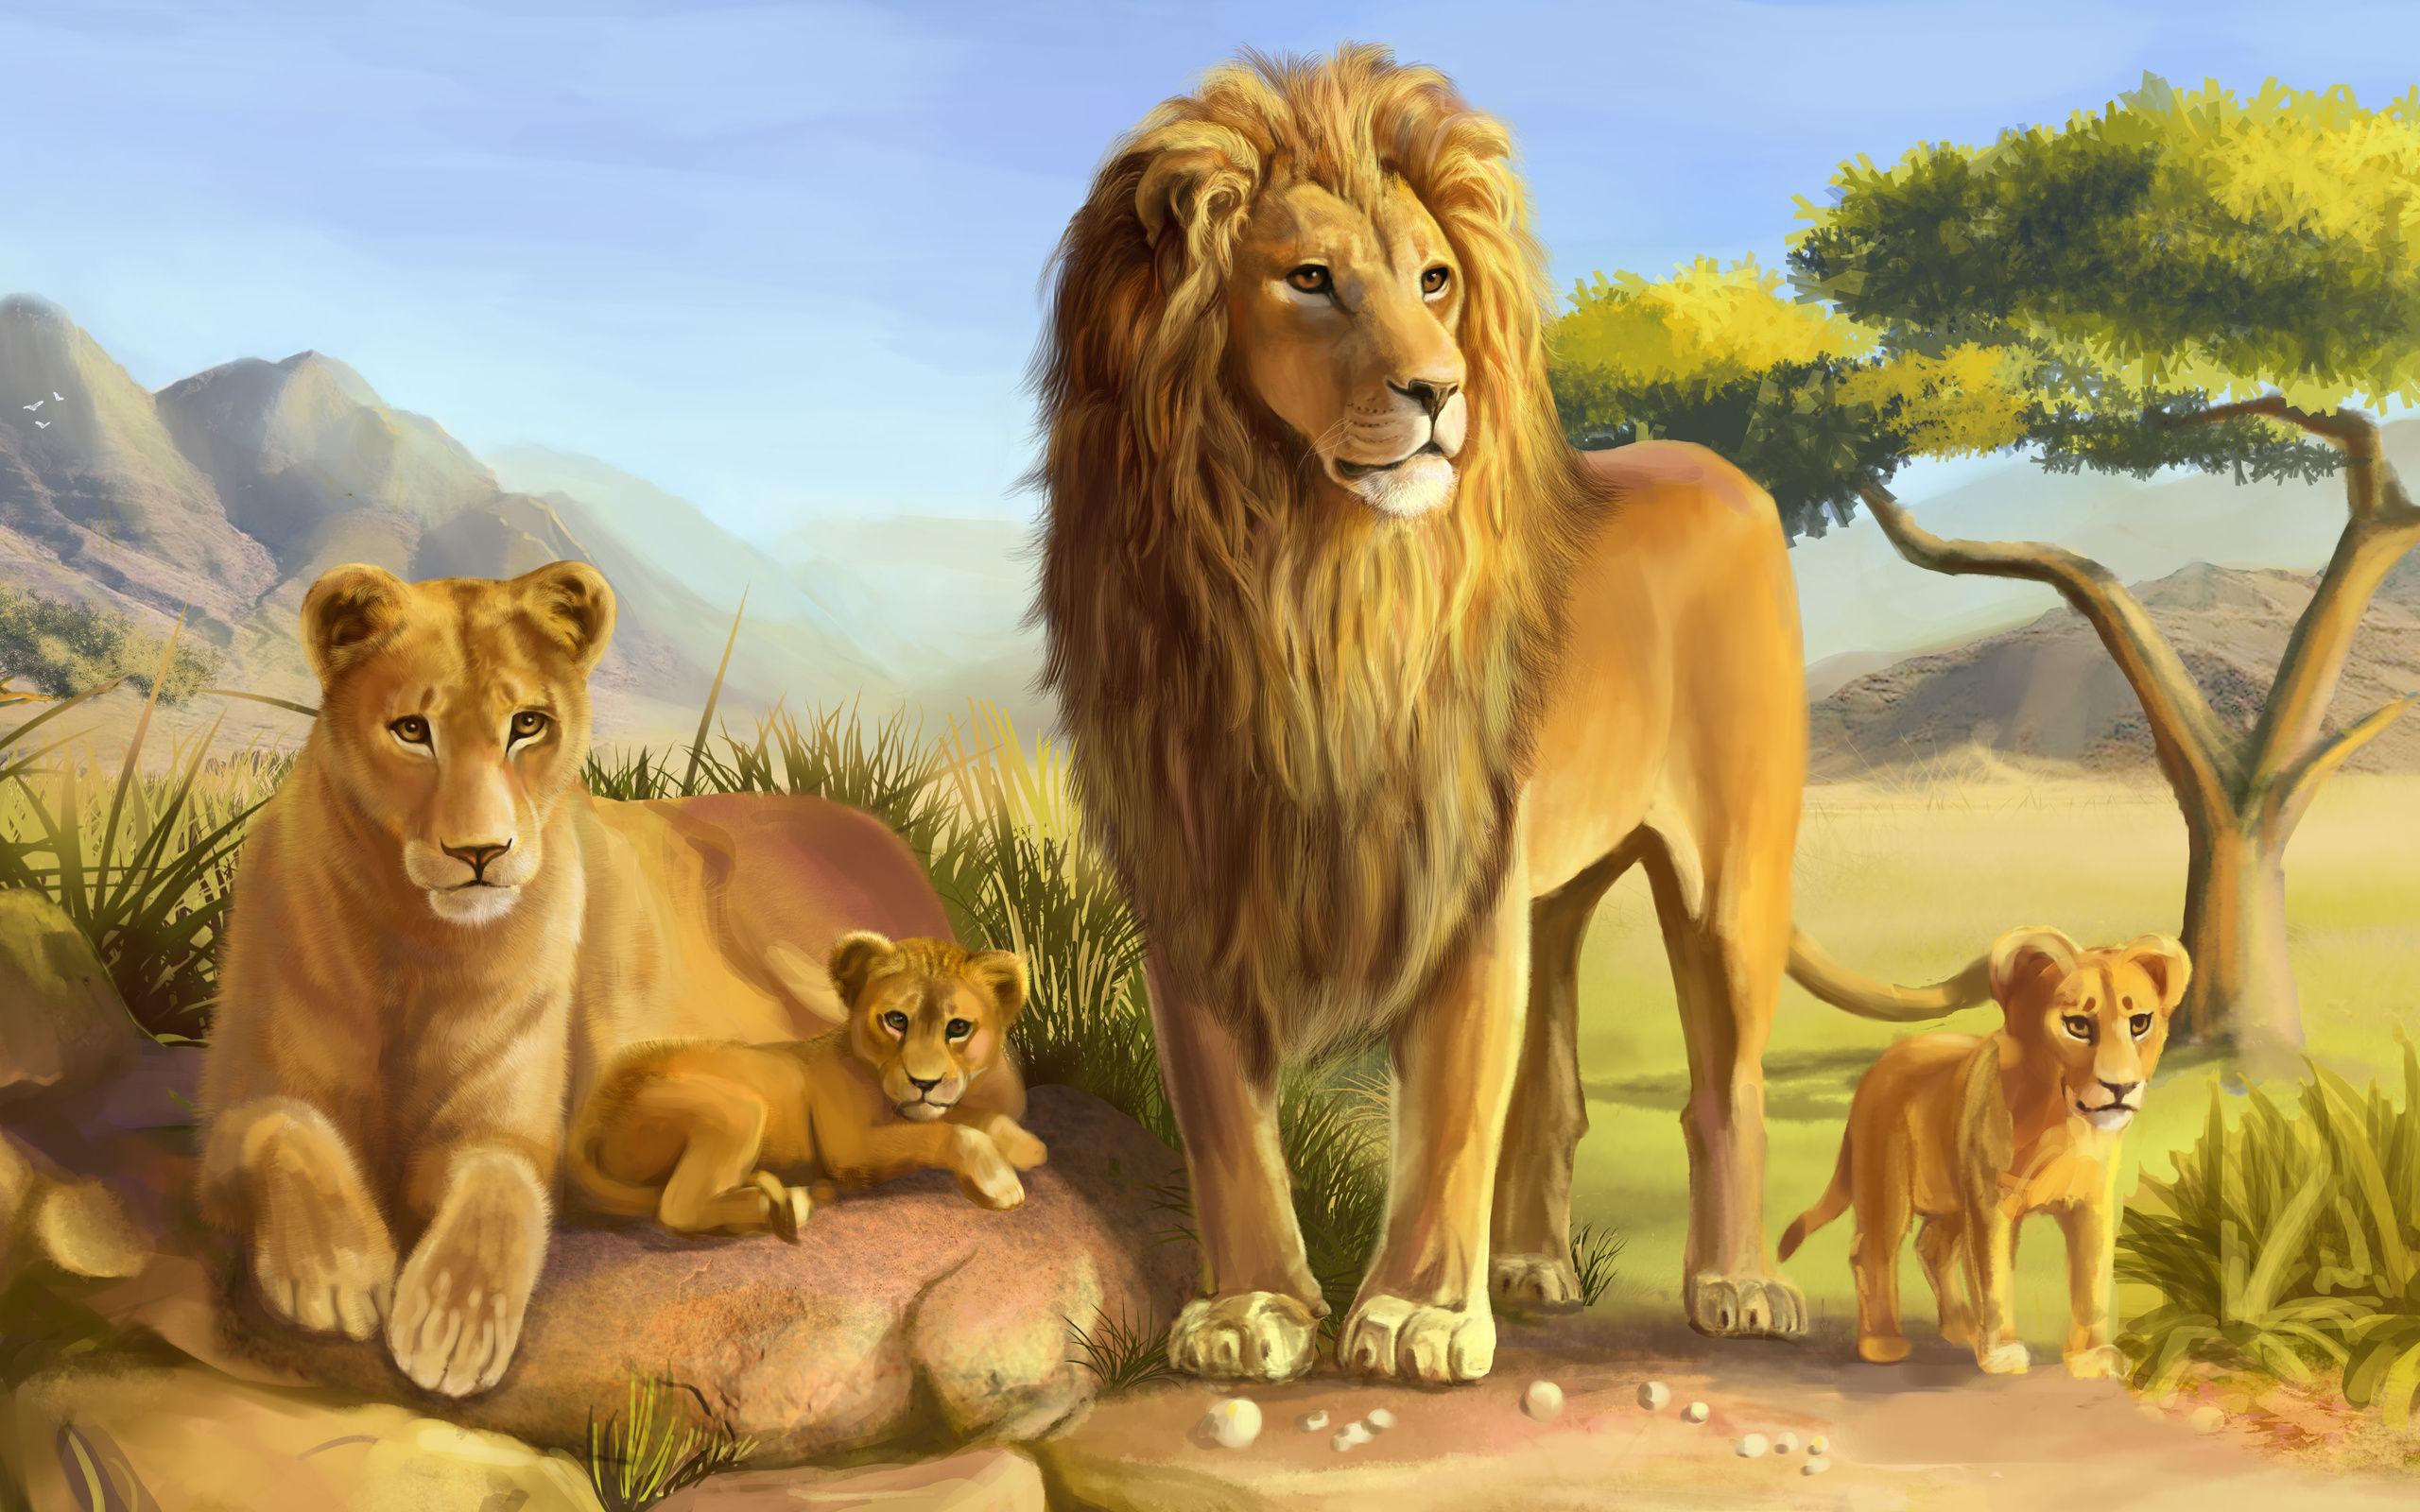 Wallpapers Lion Maximumwallhd